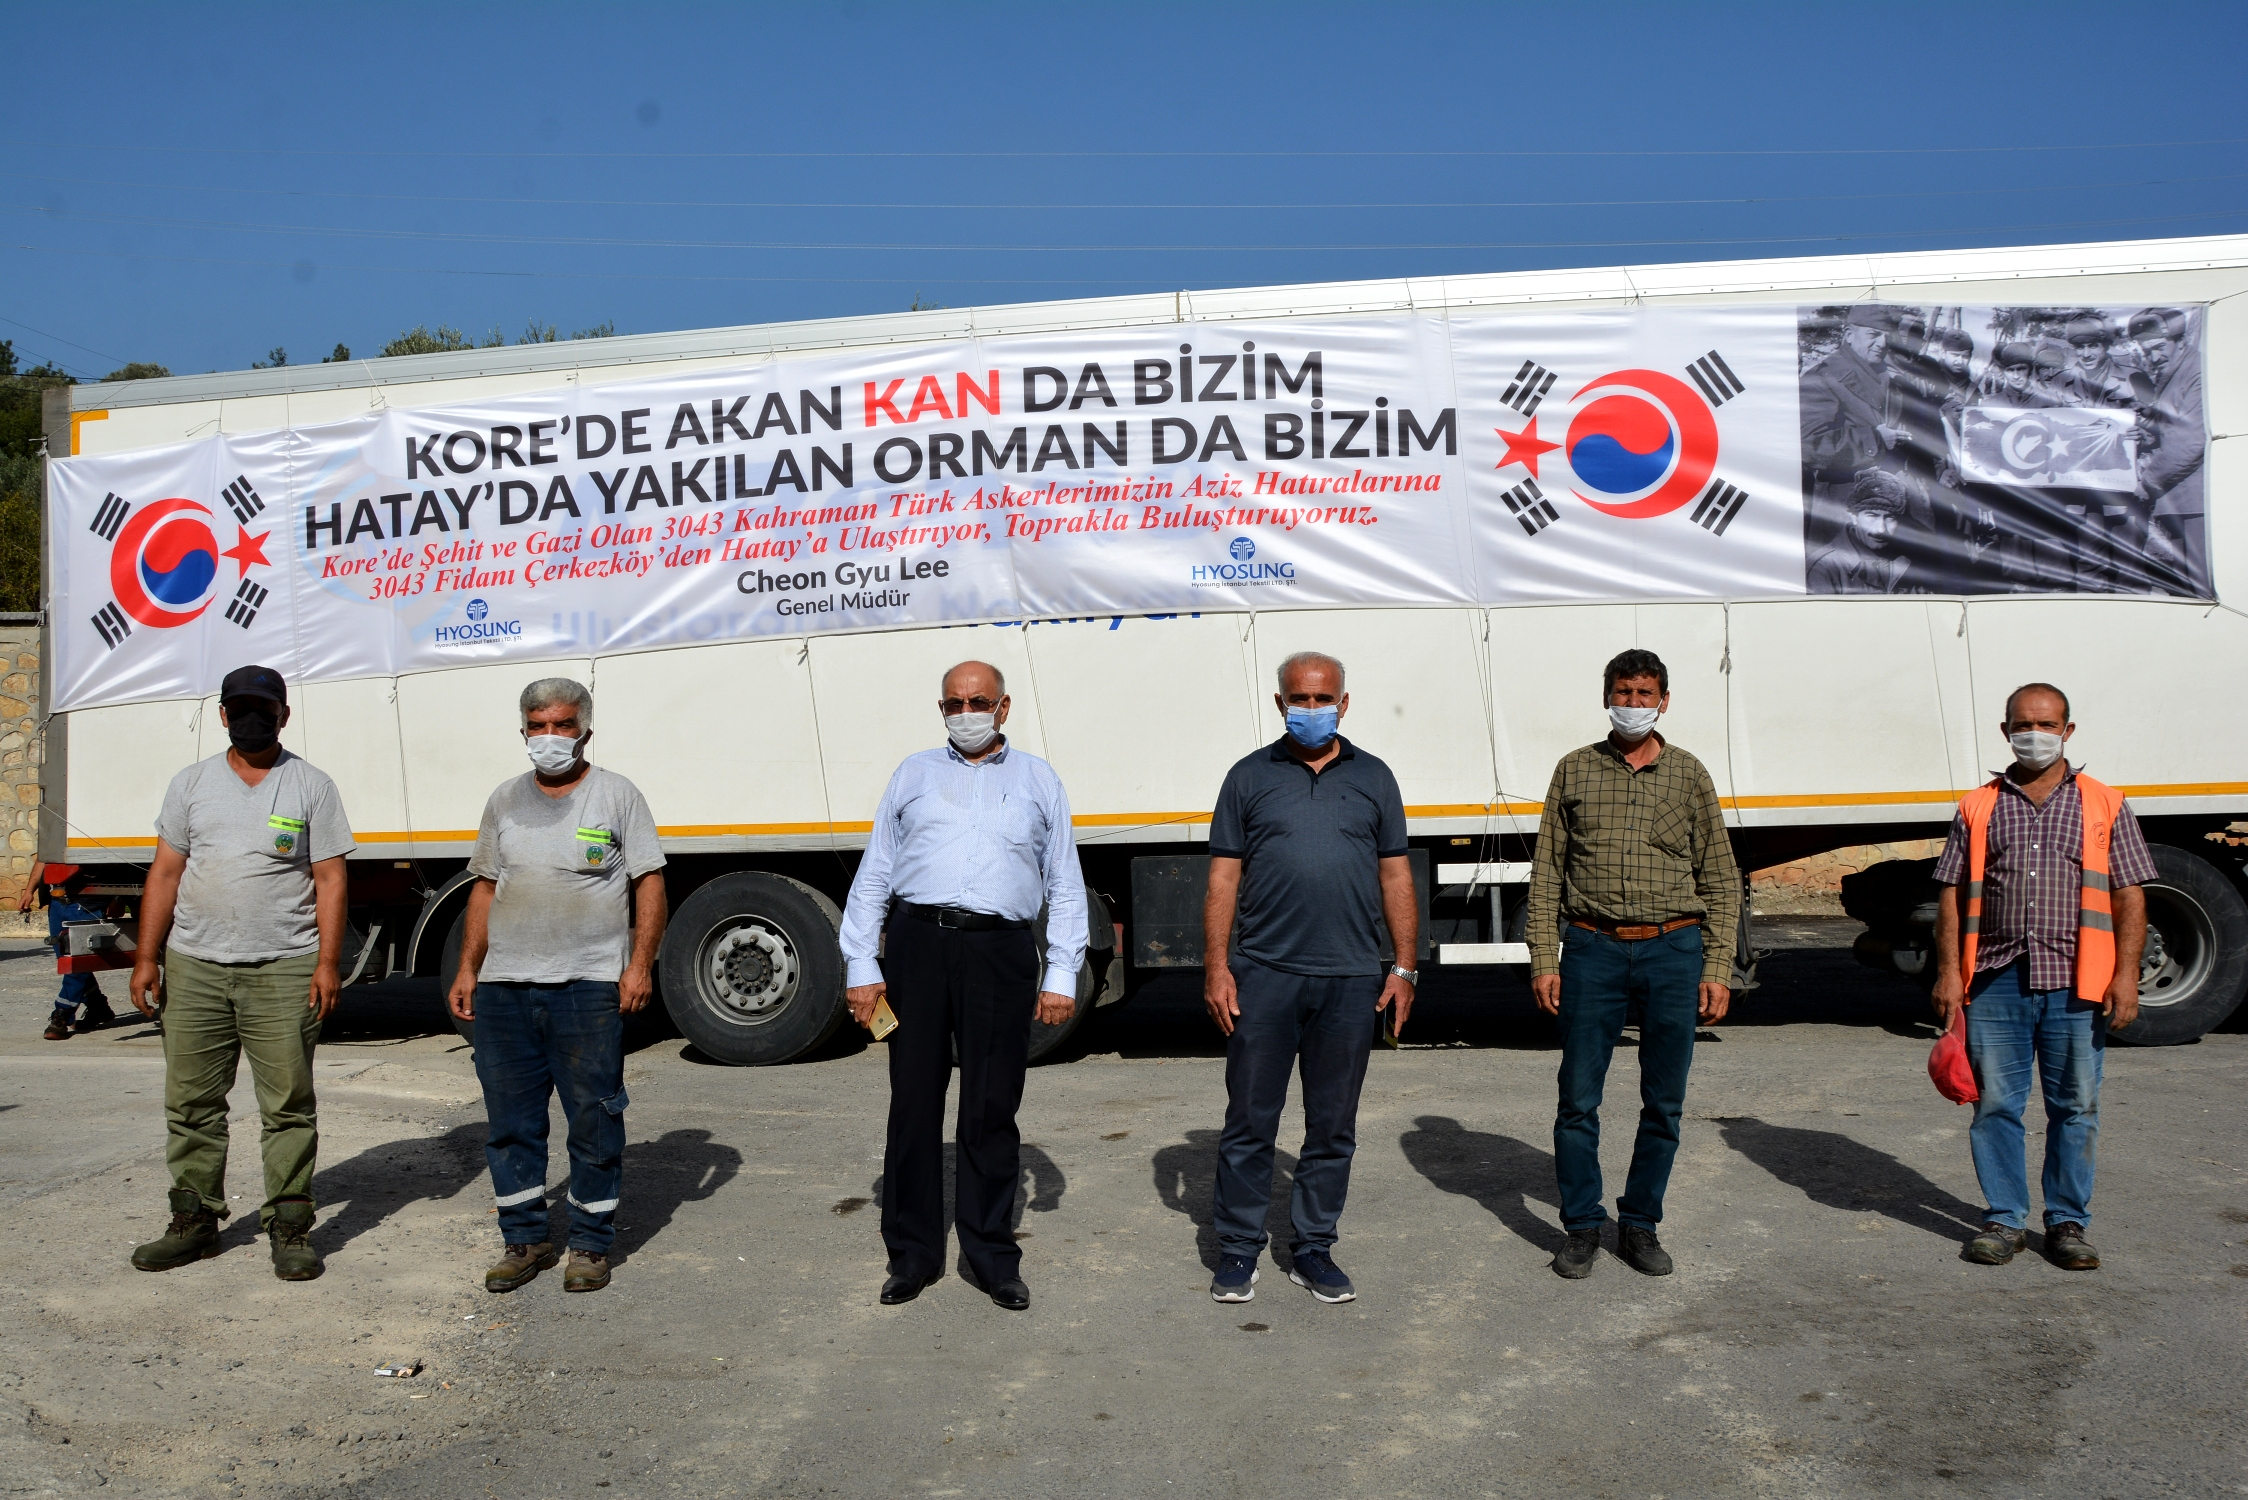 """Kore'De Akan Kan Da Bizim. Hatay'Da Yakılan Orman Da Bizim."""""""